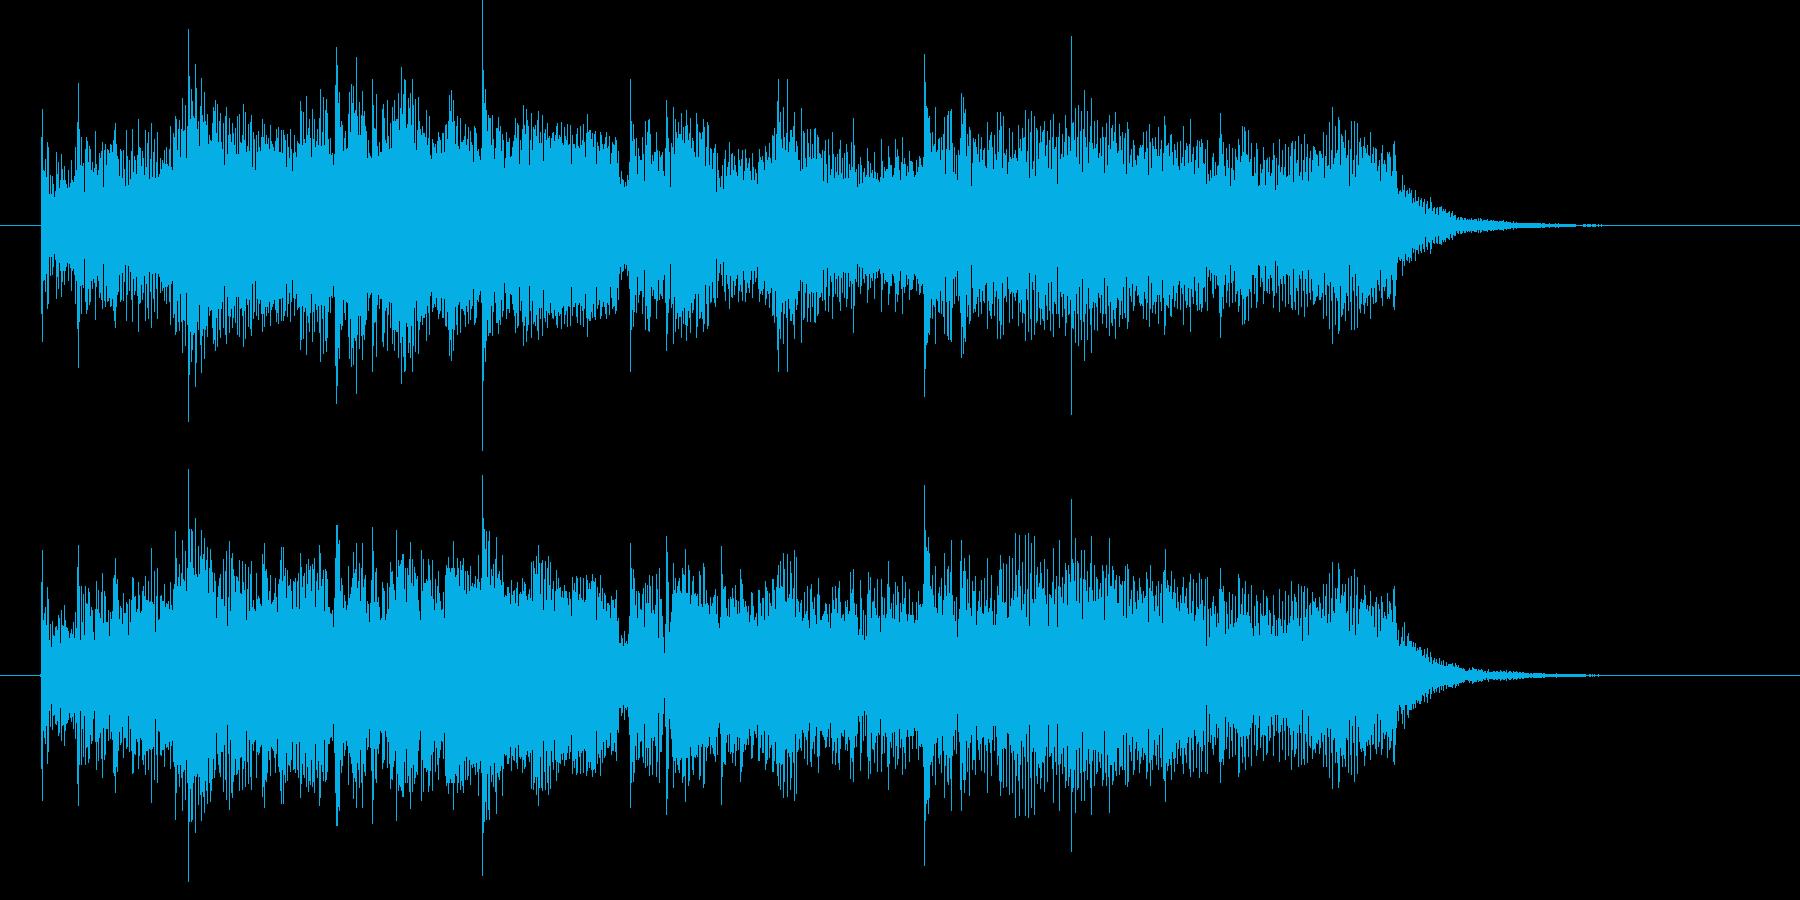 神秘的でなだらかなシンセジングルの再生済みの波形